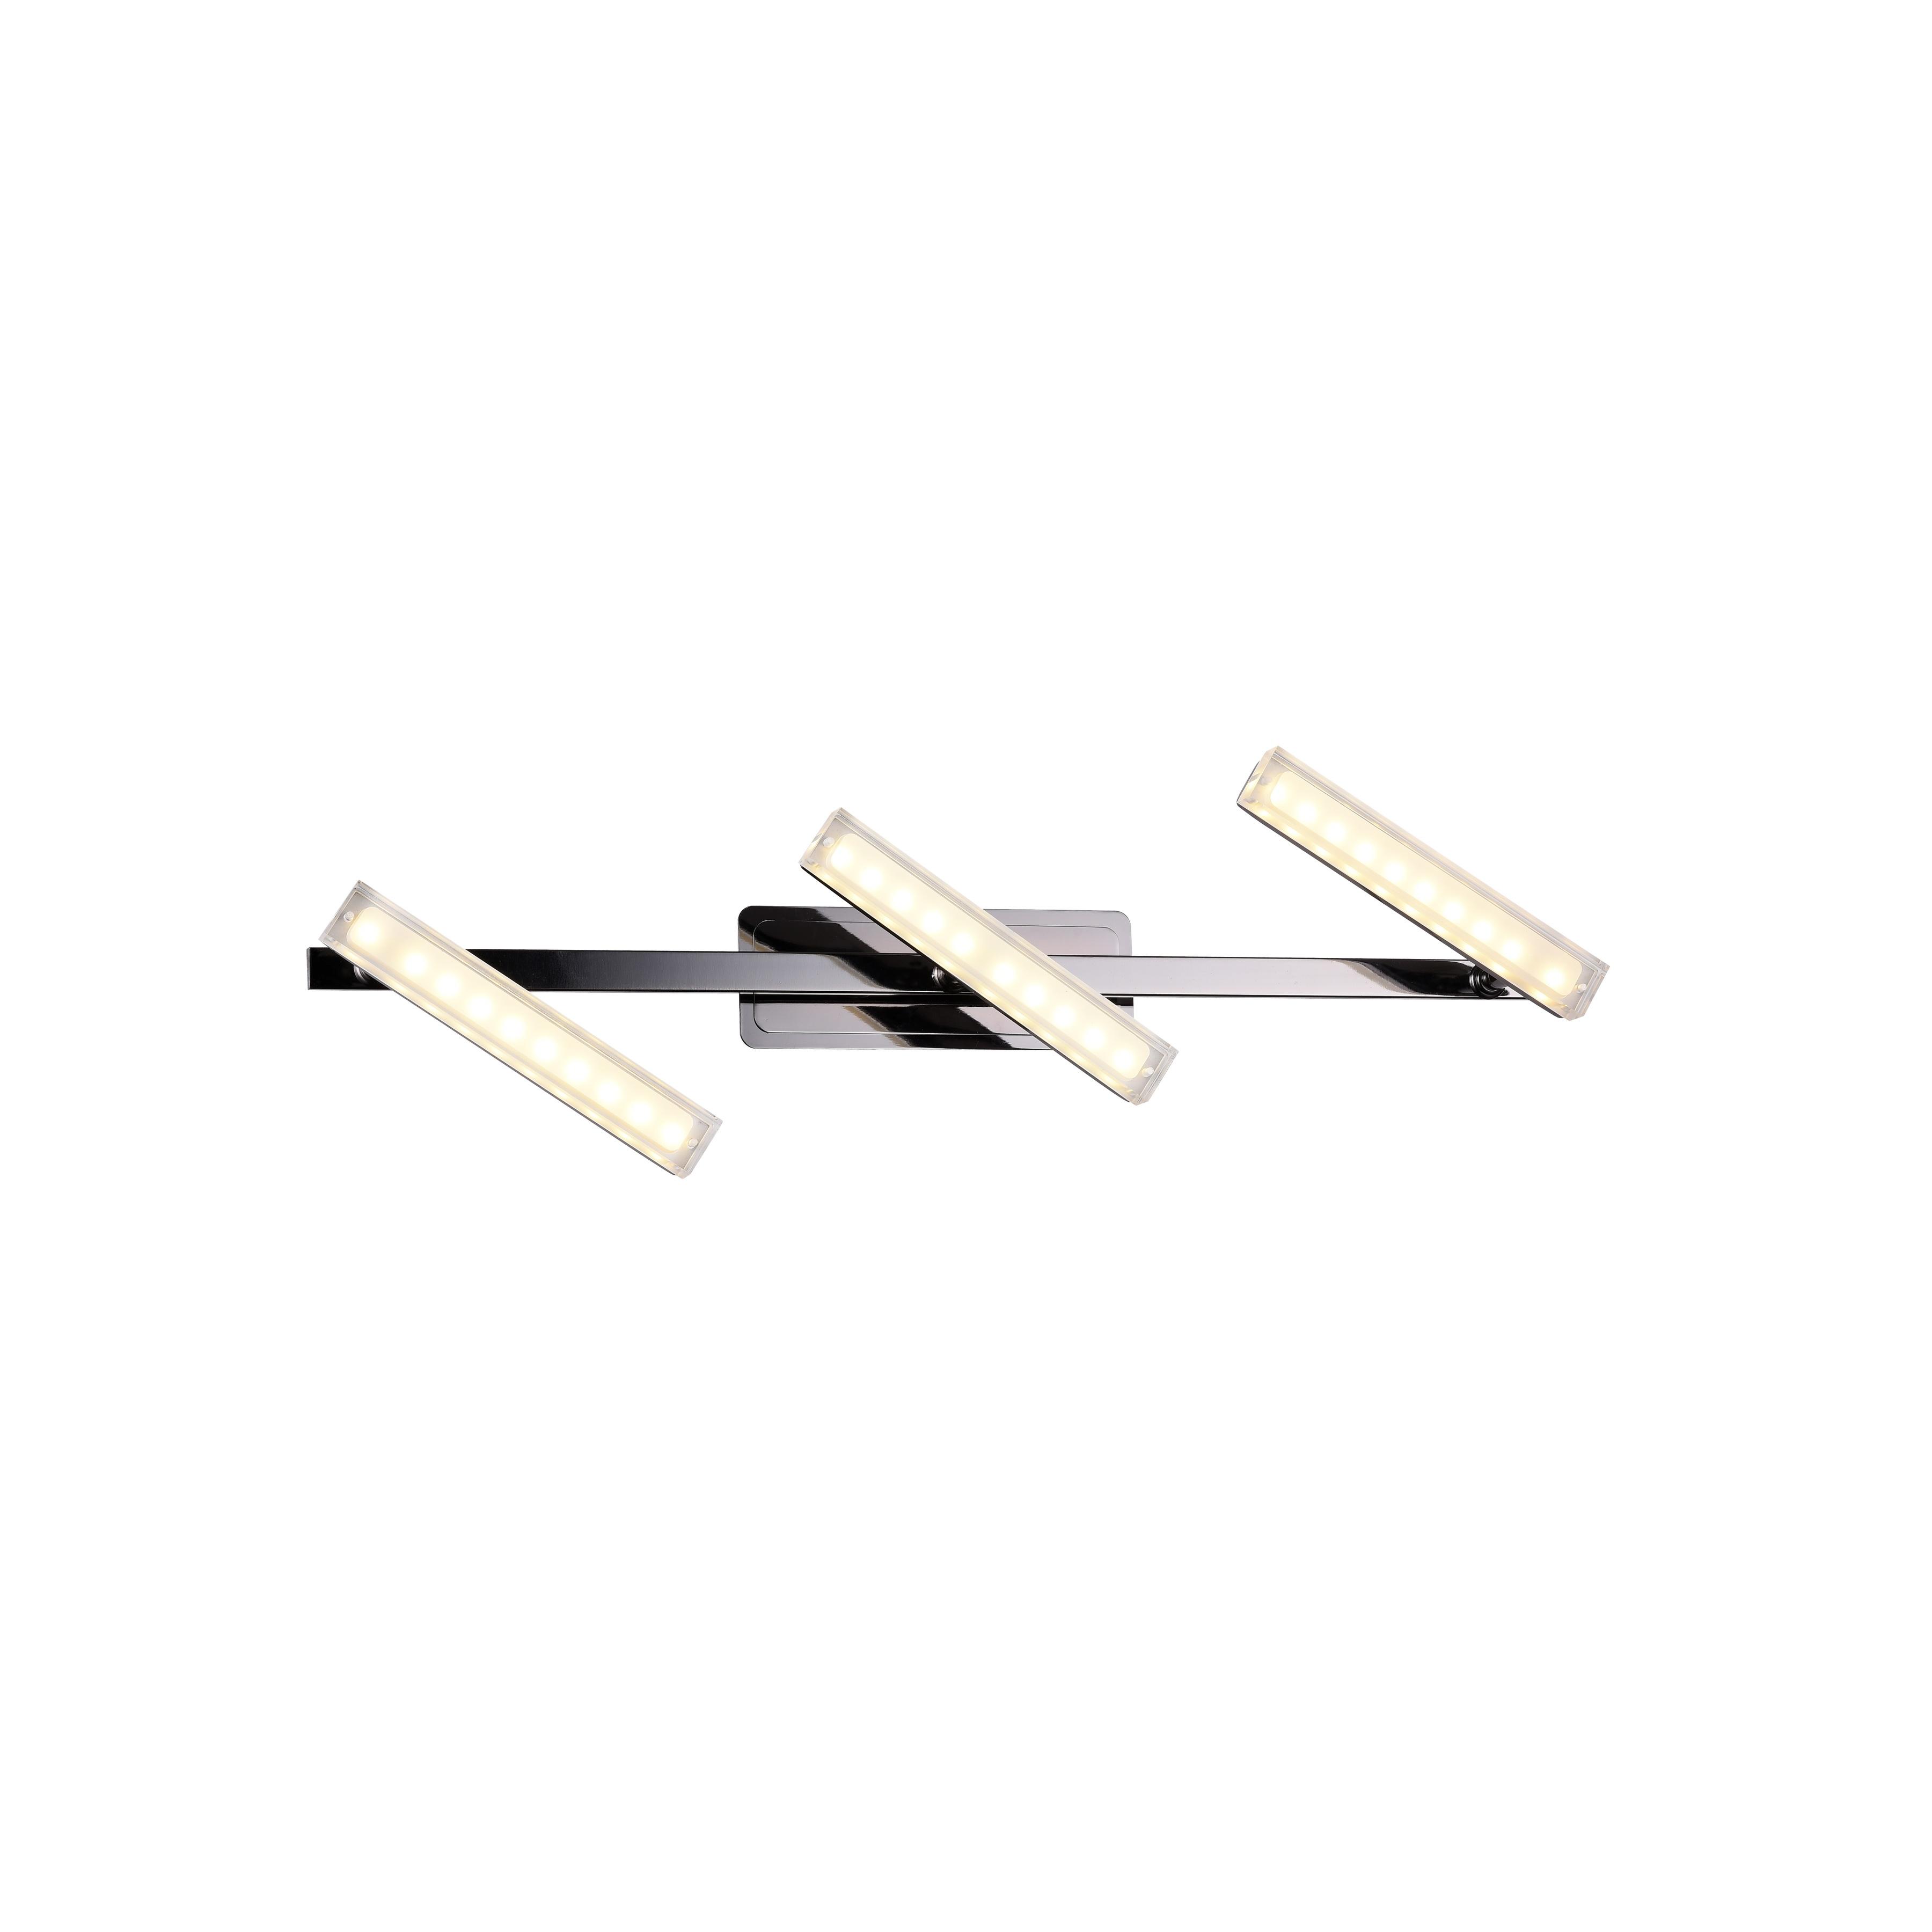 Спот RobertaСпоты<br>Светодиодный спот в стиле Хай-Тек. Спот с акриловыми плафонами со встроенной светодиодной матрицей мощностью 15 W (Эквивалент лампы накаливания 100W). Цветовая температура 3000-3200К. <br>Спот  Roberta Black снабжен шарнирным механизмом, позволяющий менять направление освещения. Спот имеет металлический выключатель на корпусе.<br>Спот поставляется в собранном виде и имеет в комплекте все необходимые для монтажа крепежные элементы.&amp;lt;div&amp;gt;&amp;lt;br&amp;gt;&amp;lt;/div&amp;gt;&amp;lt;div&amp;gt;&amp;lt;div&amp;gt;Цоколь: LED&amp;lt;/div&amp;gt;&amp;lt;div&amp;gt;Мощность лампы: 15W&amp;lt;/div&amp;gt;&amp;lt;div&amp;gt;Количество ламп: 3&amp;lt;/div&amp;gt;&amp;lt;/div&amp;gt;<br><br>Material: Металл<br>Width см: 64<br>Depth см: 11,8<br>Height см: 11,4